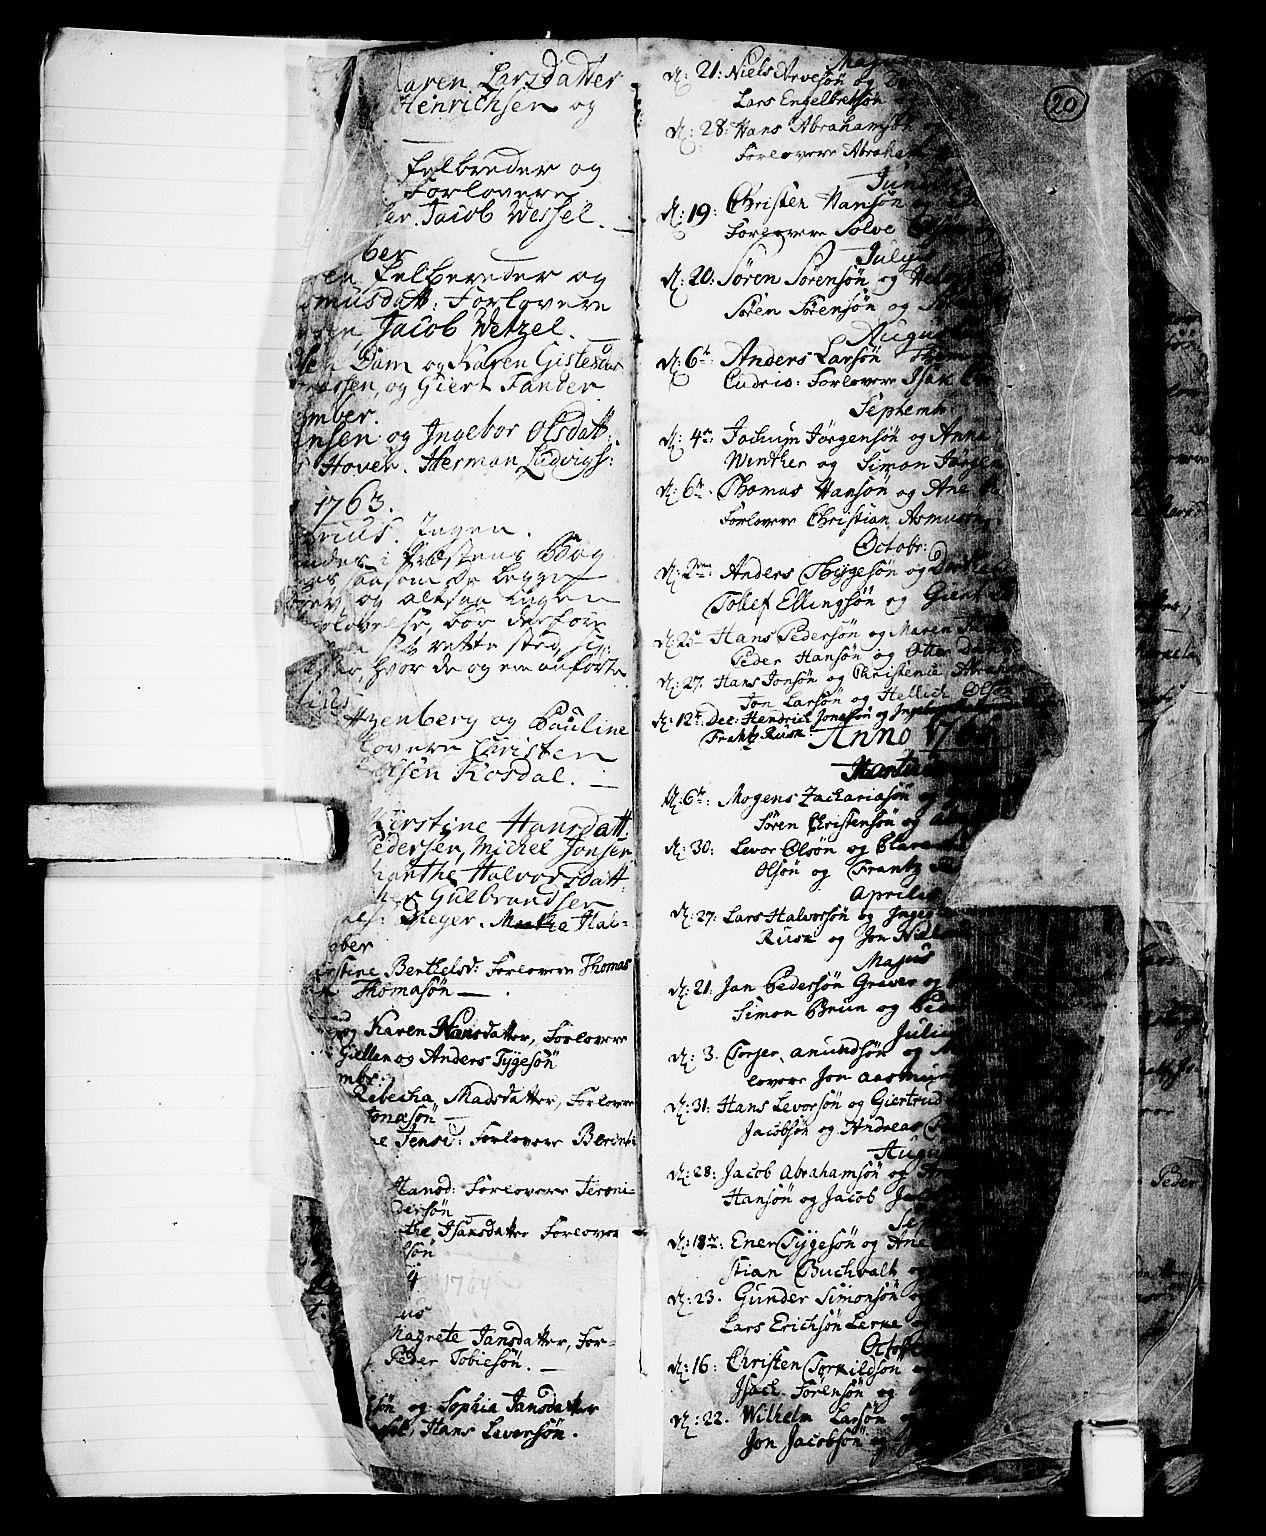 SAKO, Skien kirkebøker, G/Ga/L0001: Klokkerbok nr. 1, 1756-1791, s. 20